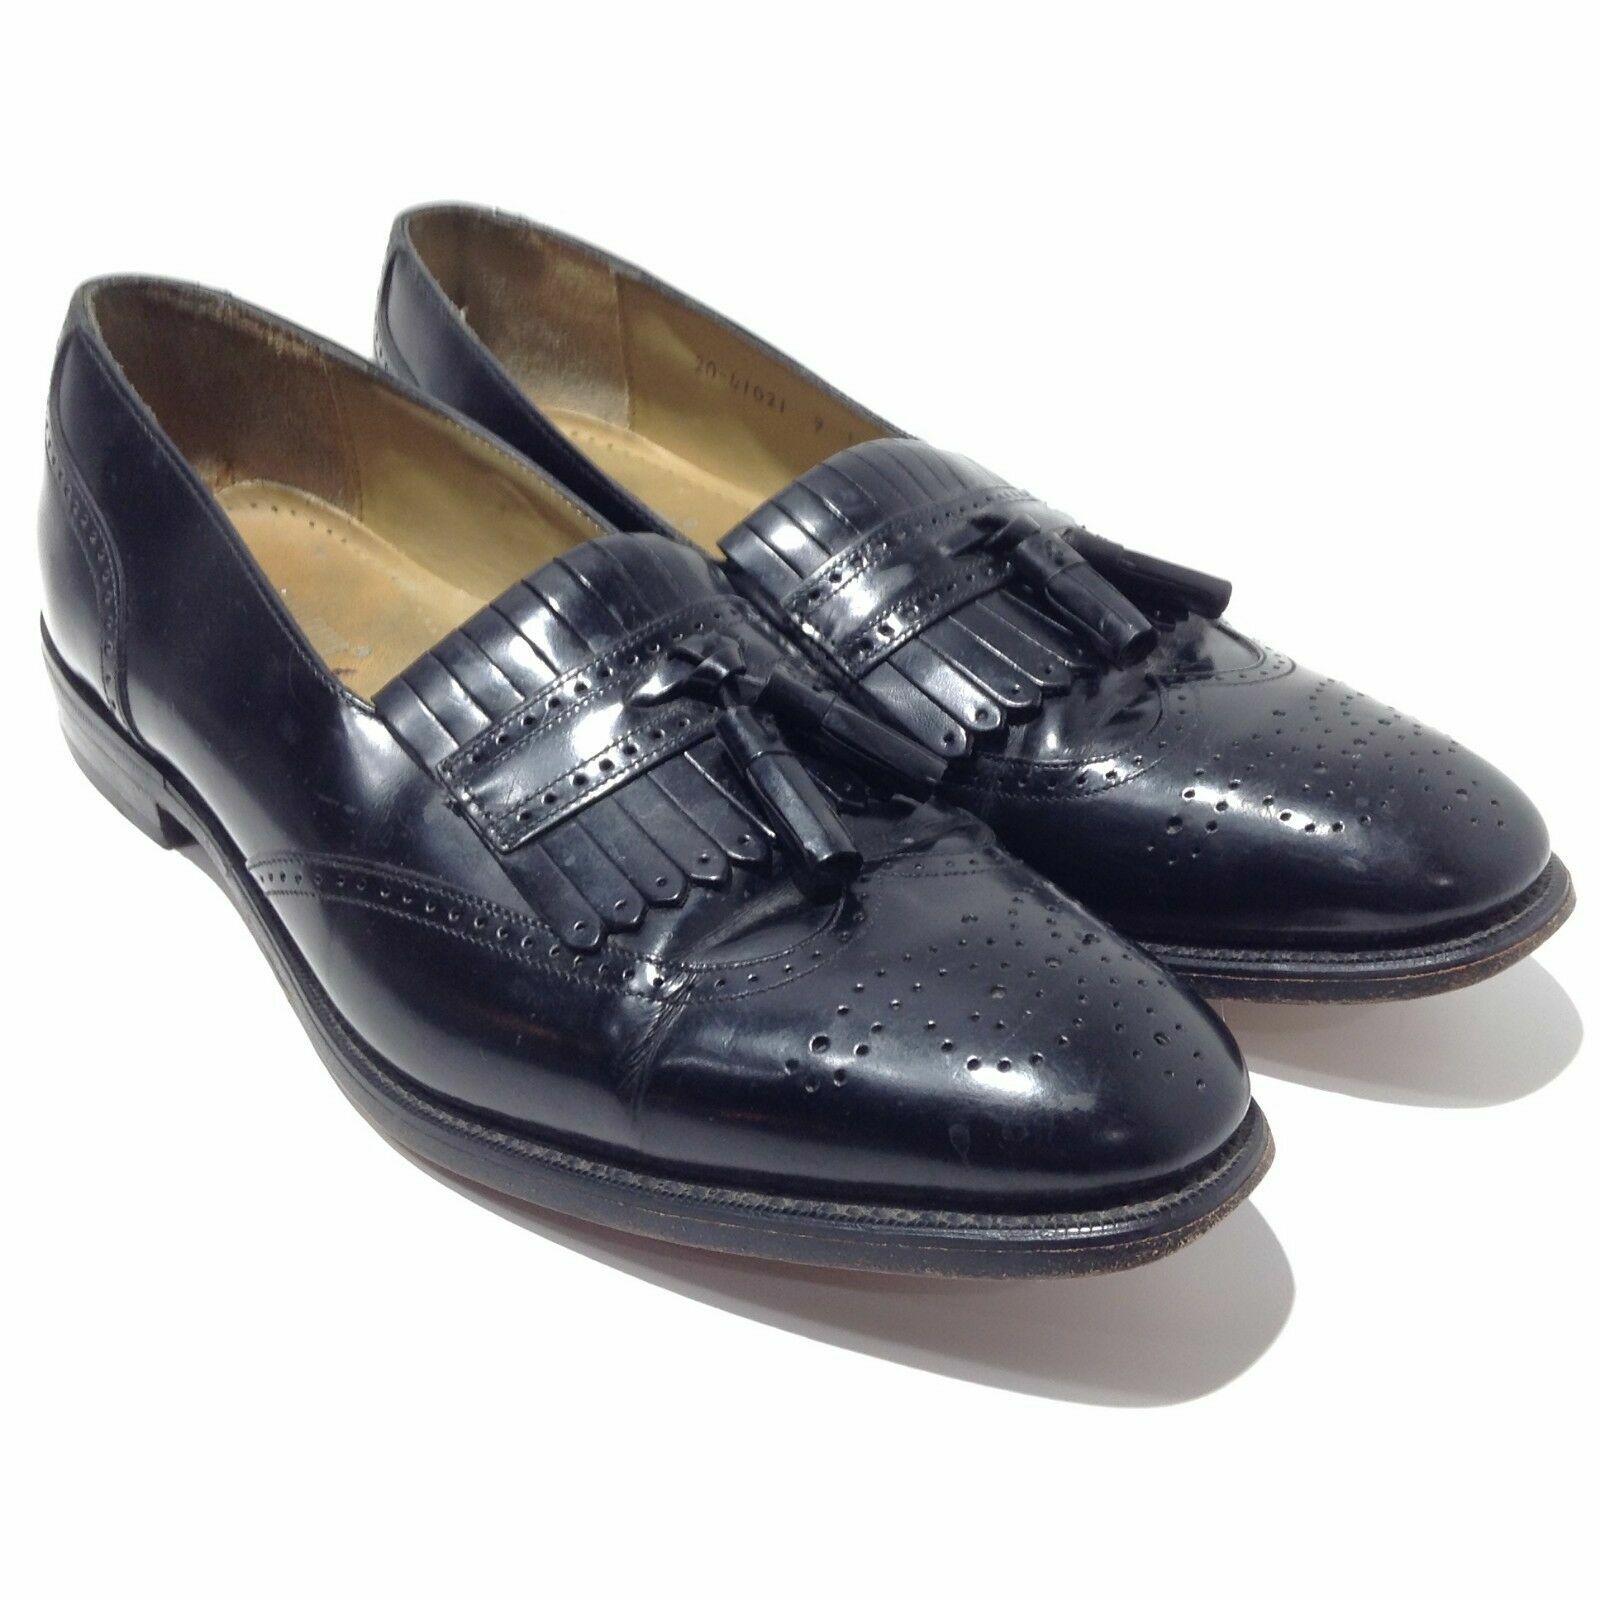 J. MURPHY Men's Slip On Dress Shoes Tassel Loafers 9N Black Leather 20-41021